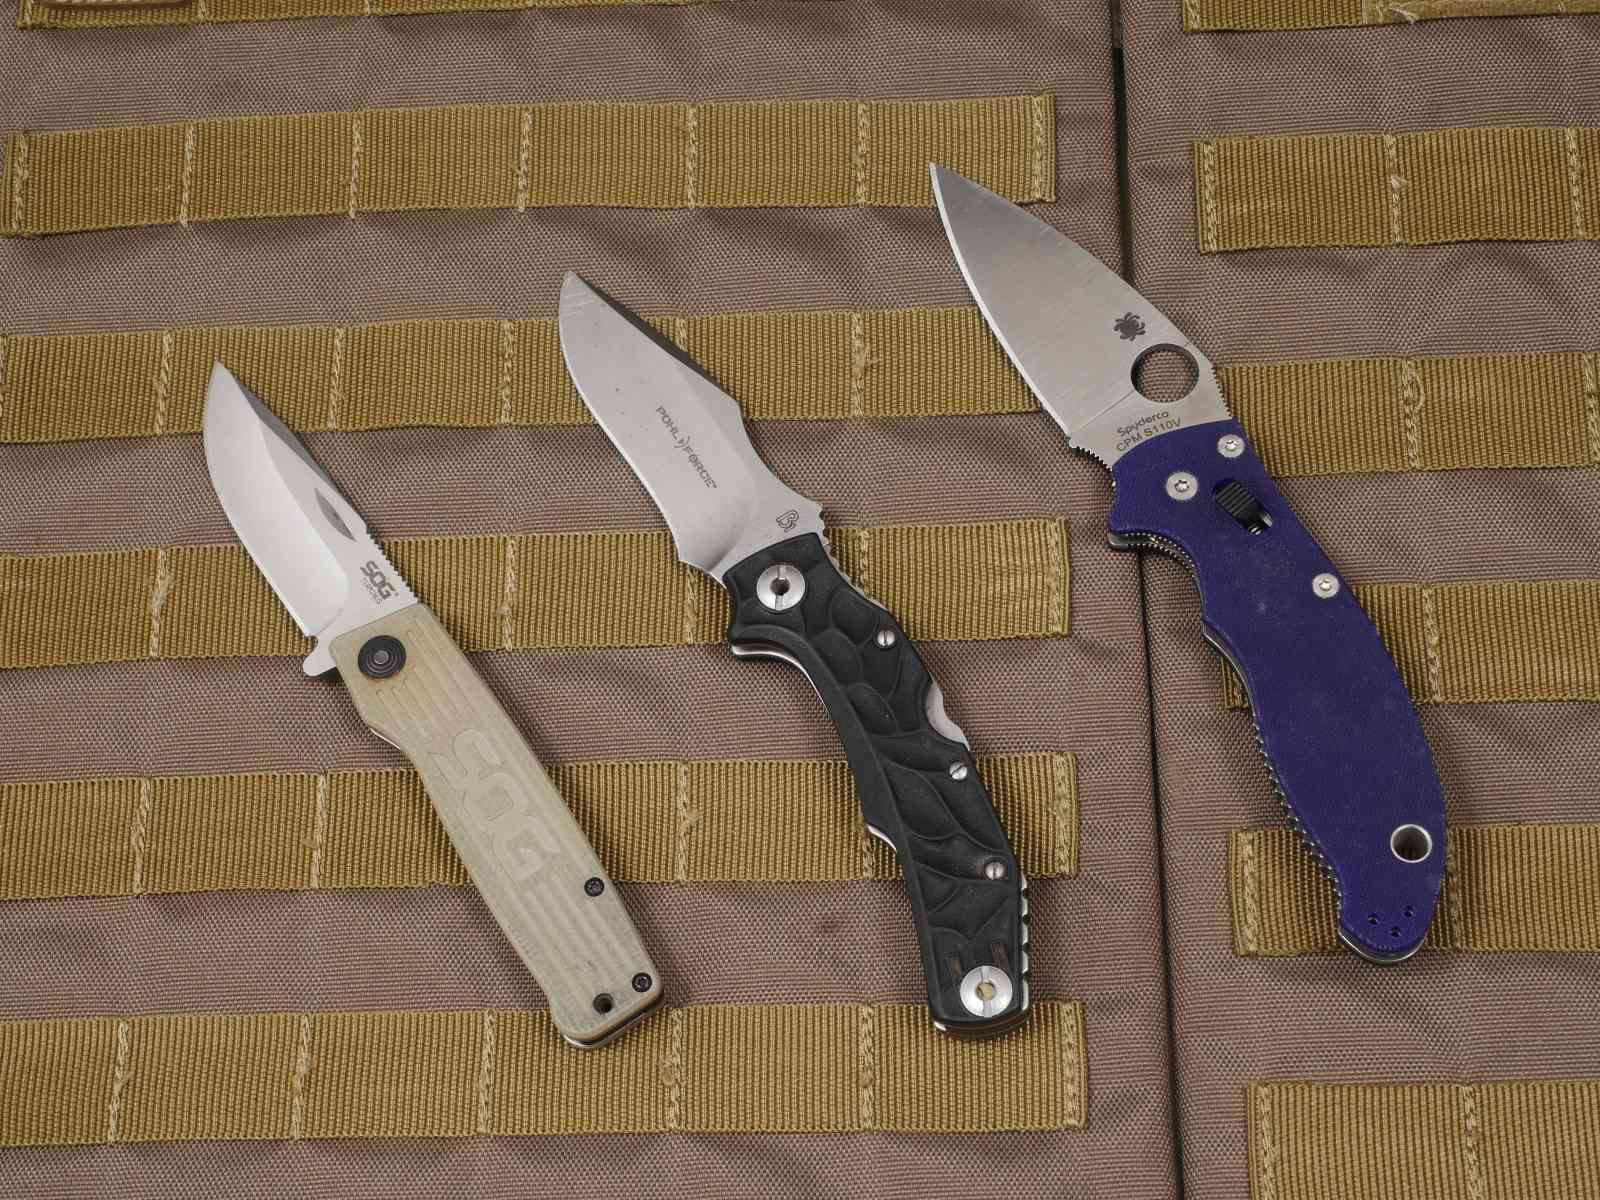 Taschenmesser: Zwei Zweihandmesser und ein Einhandmesser